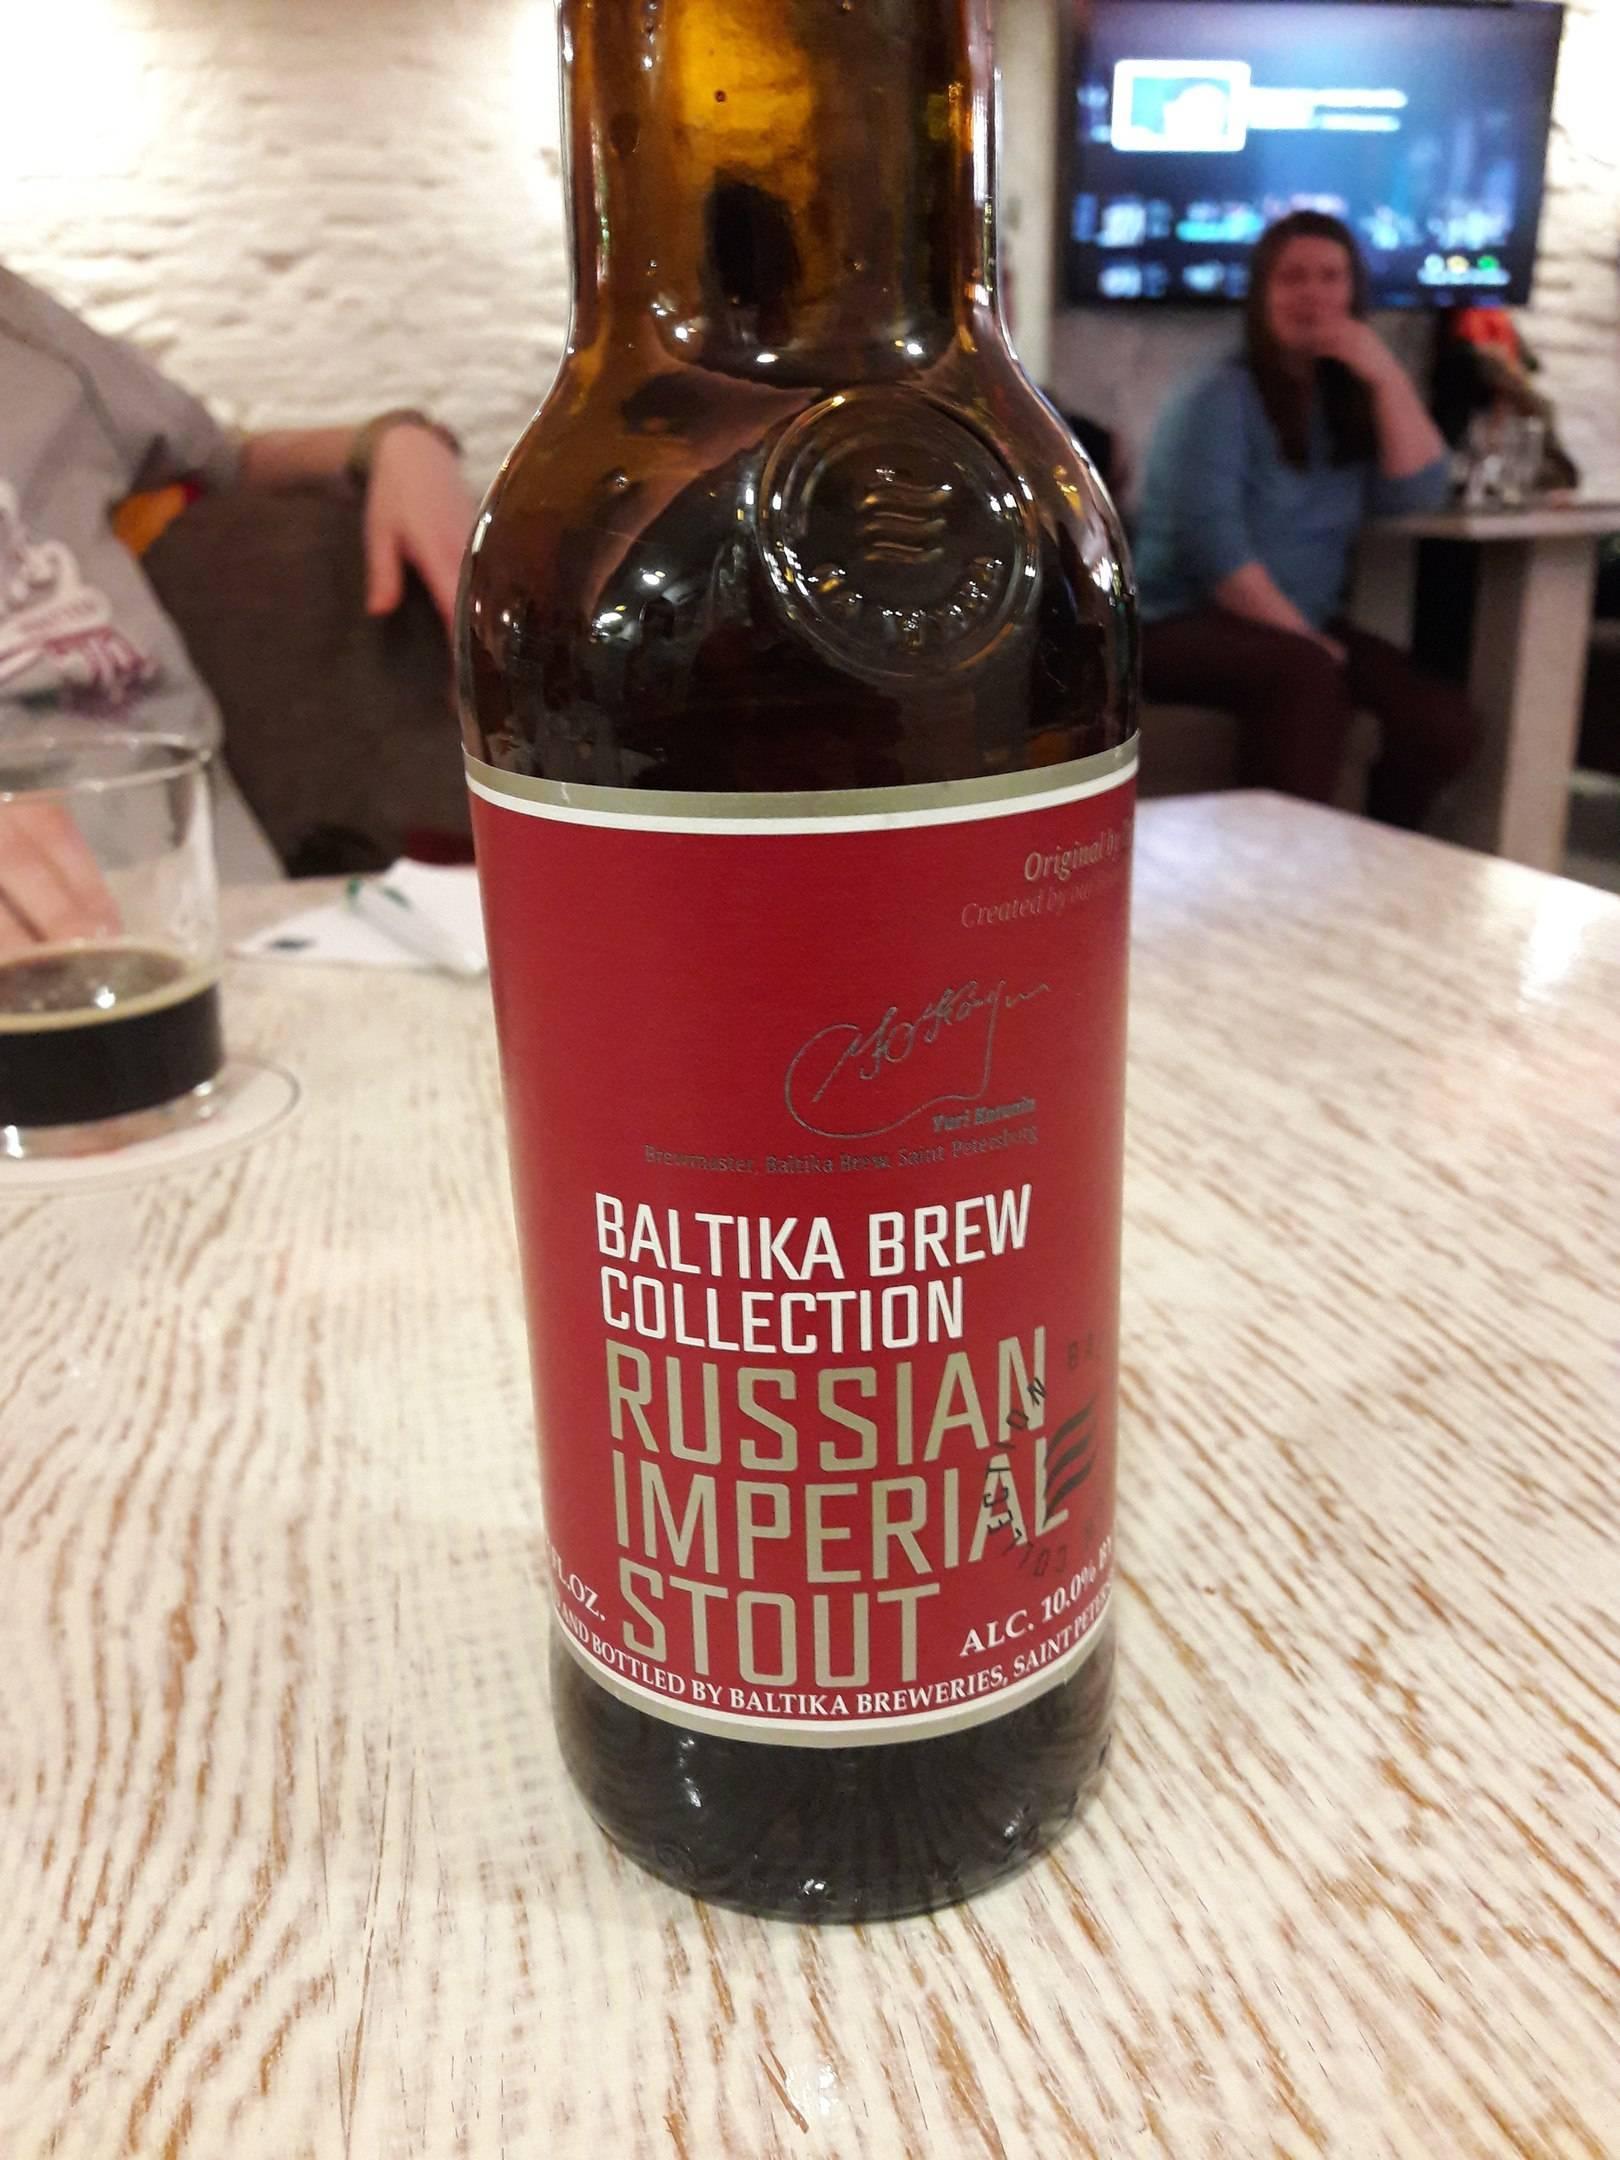 Портер - это что за пиво? | pivo.net.ua